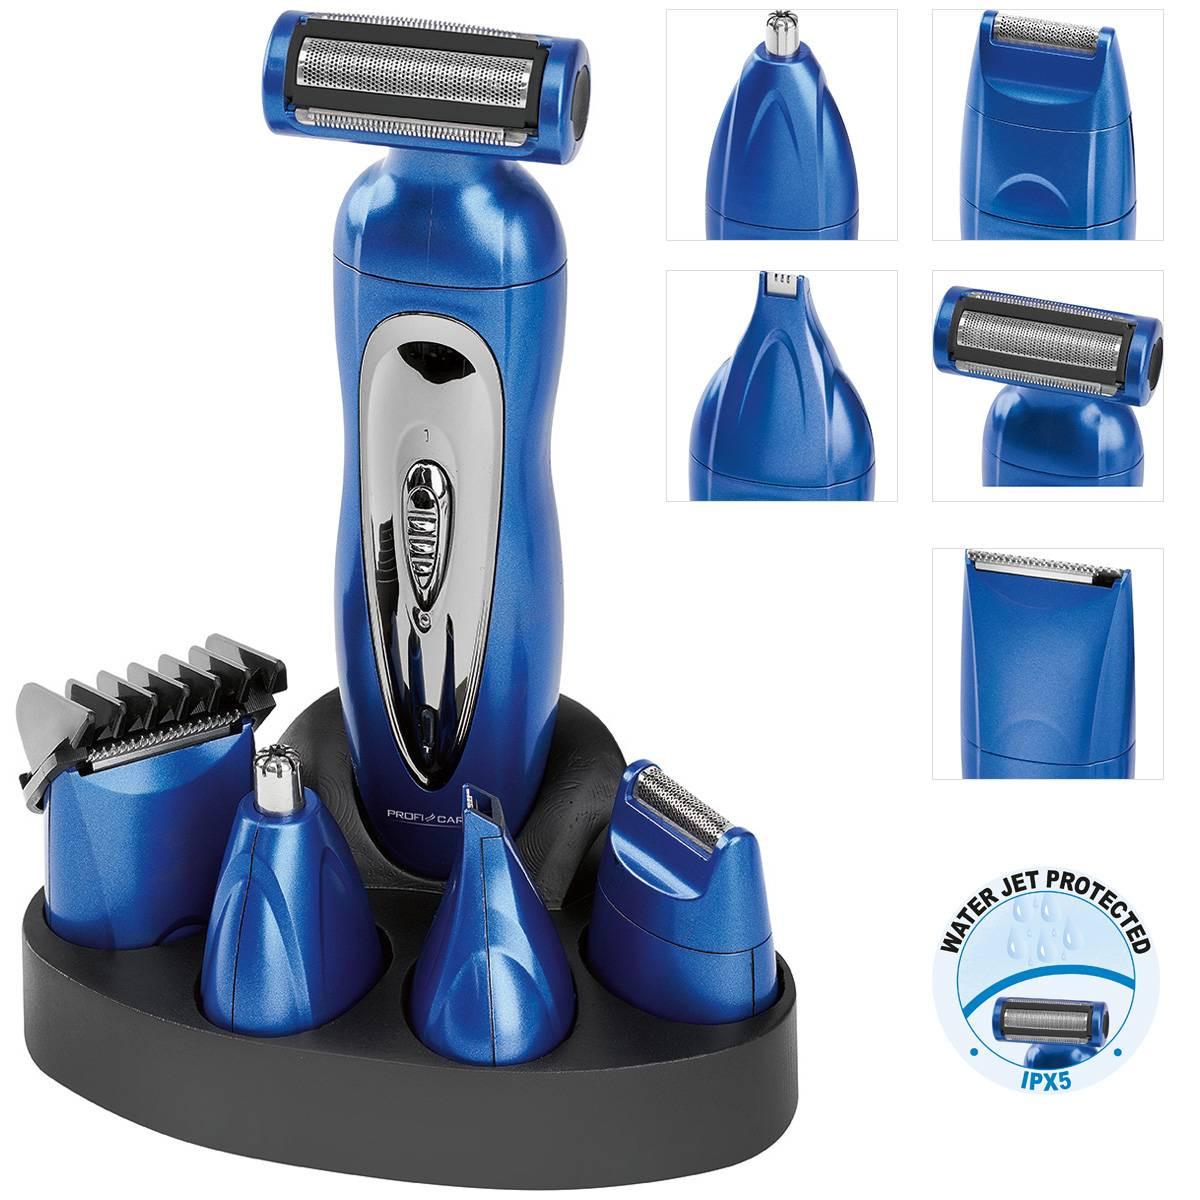 Proficare BHT 3015 - Set de Cortapelo, afeitadora corporal, recortador de precisión, cortador oido nariz, batería recargable, azul